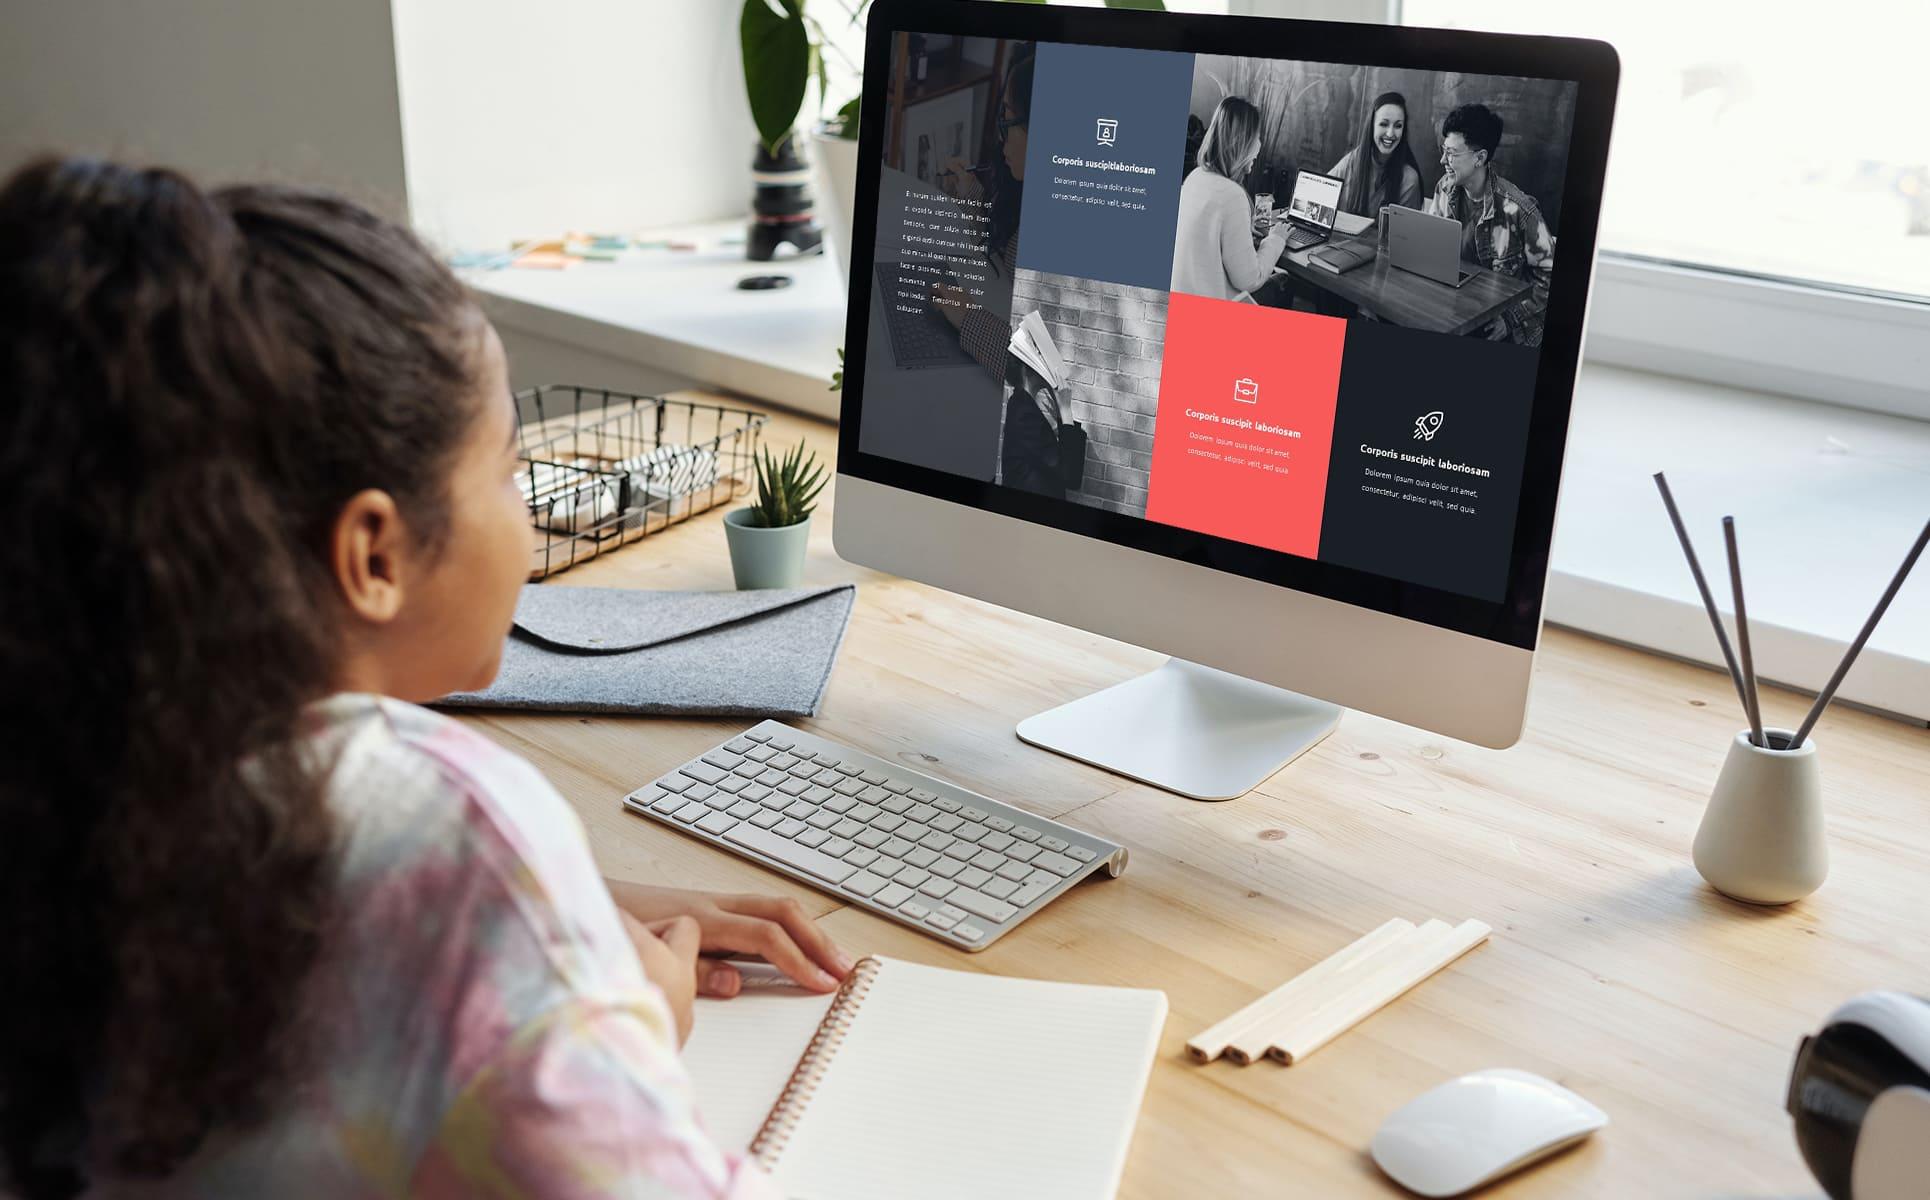 50 Slides Teacher Presentation Template by MasterBundles Desktop preview mockup image.